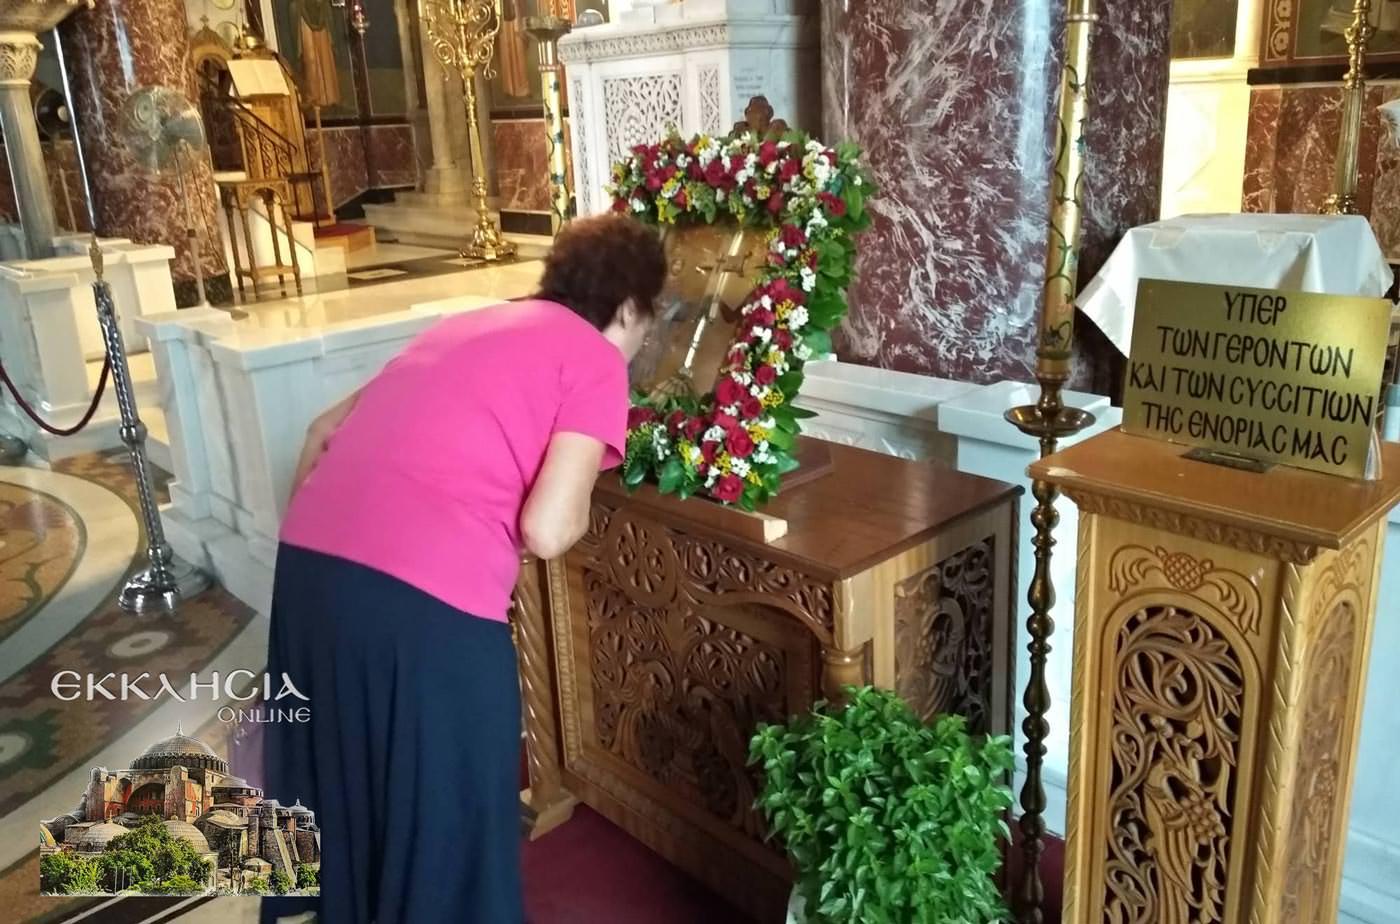 Ιερός Ναός Αγίας Τριάδας Βύρωνας Ευχέλαιο 2019